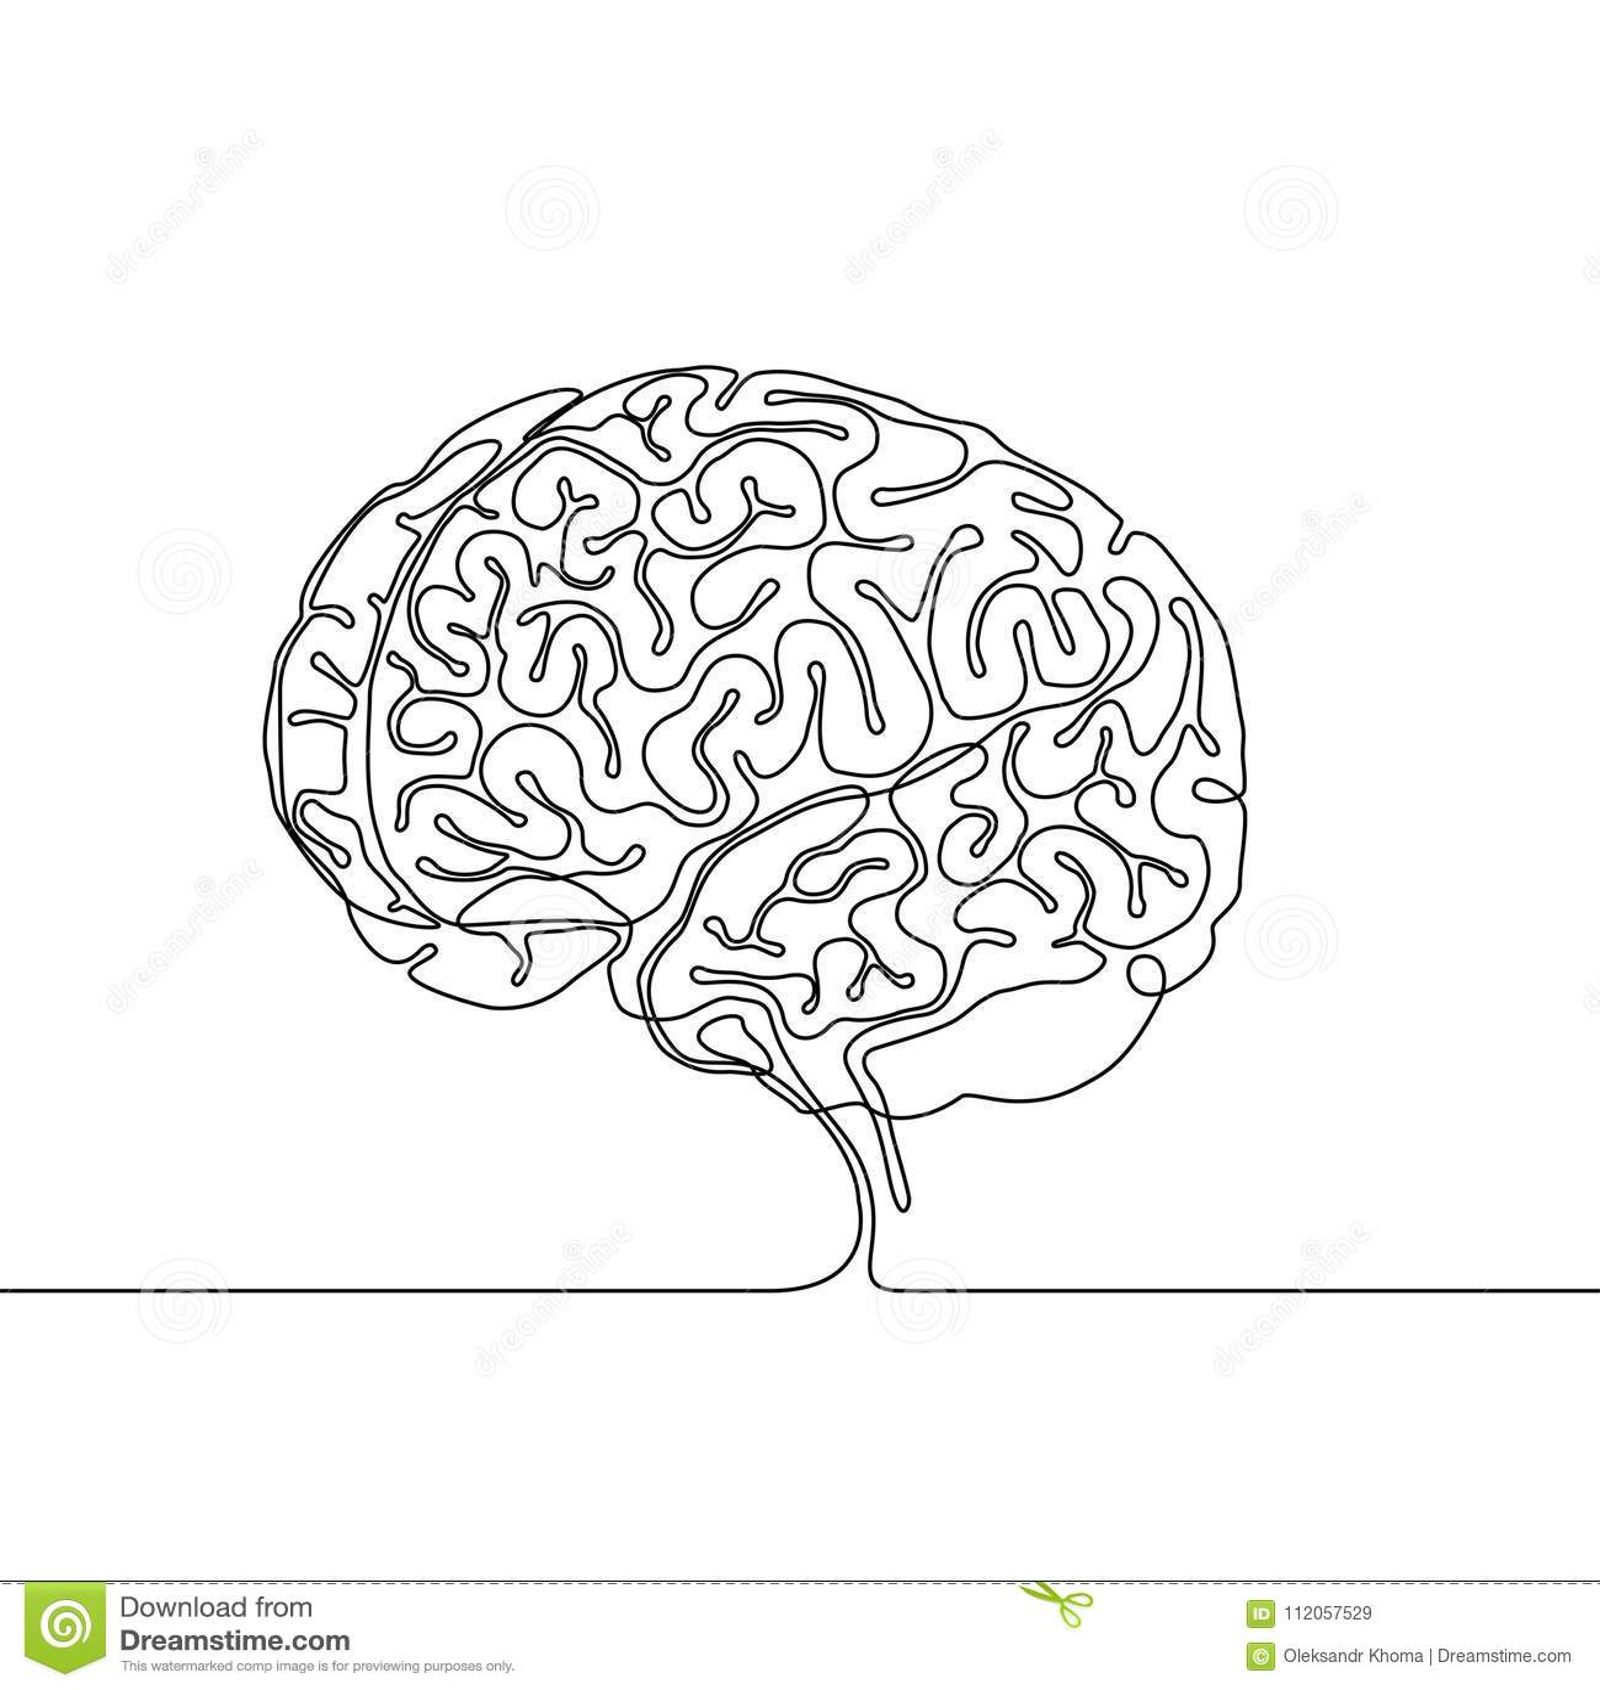 Fortlöpande linje teckning av en mänsklig hjärna med vindlingar och sulci